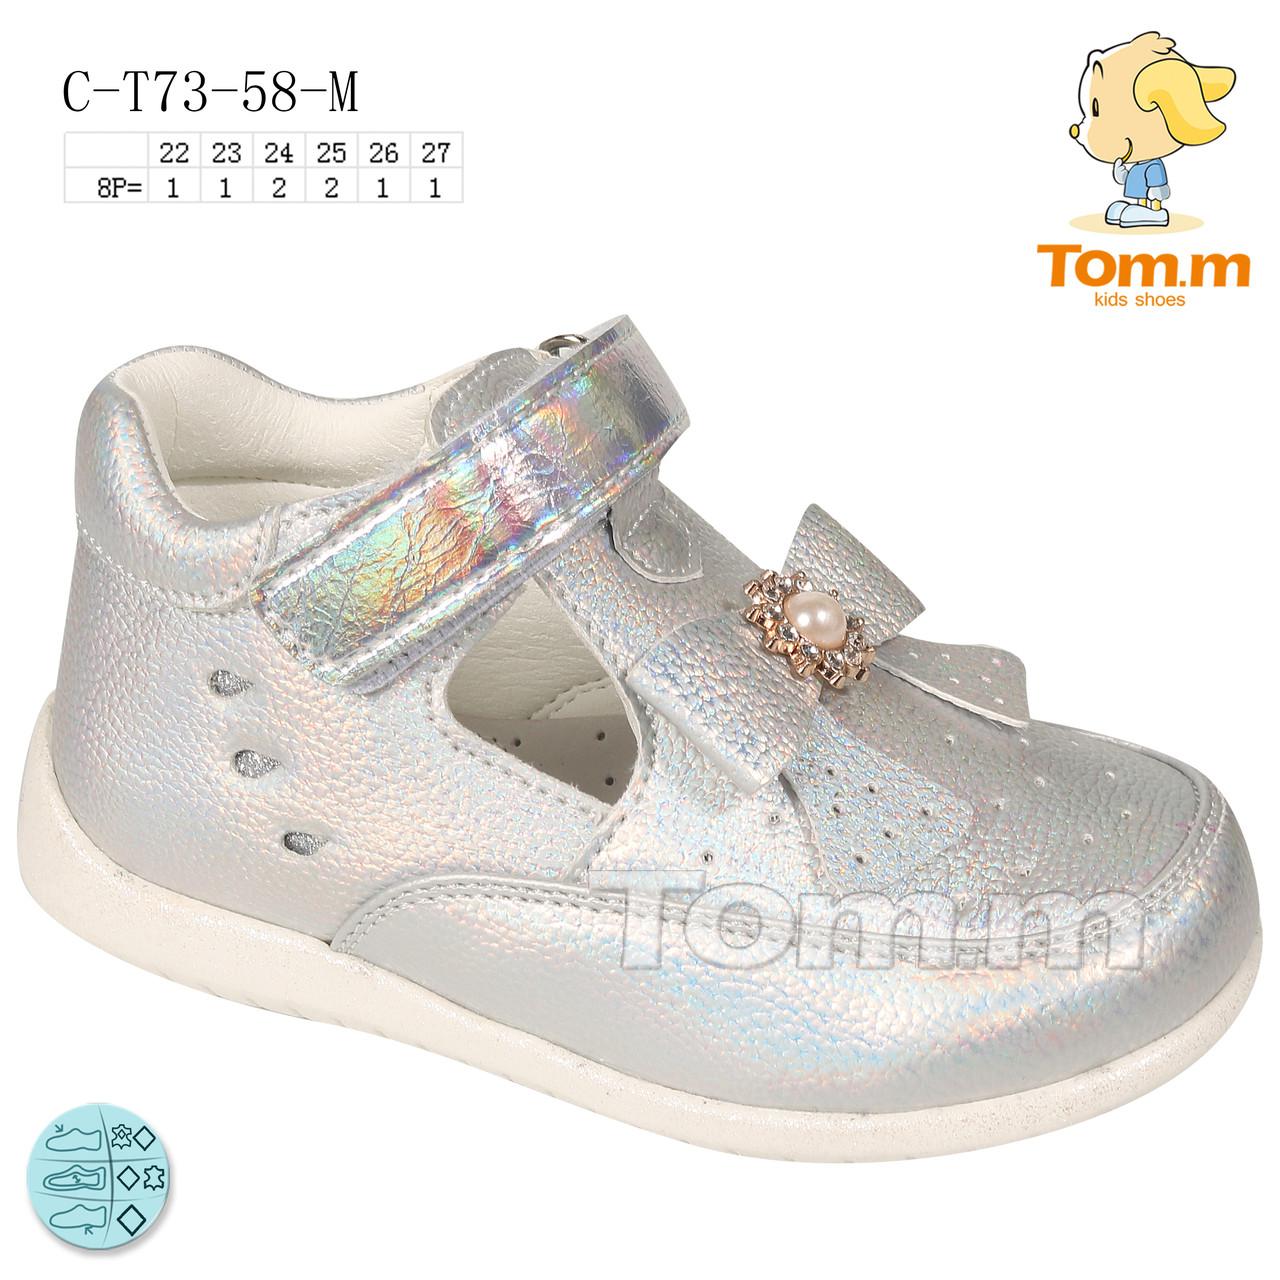 Детские босоножки Том м, 22-27 размер, 8 пар